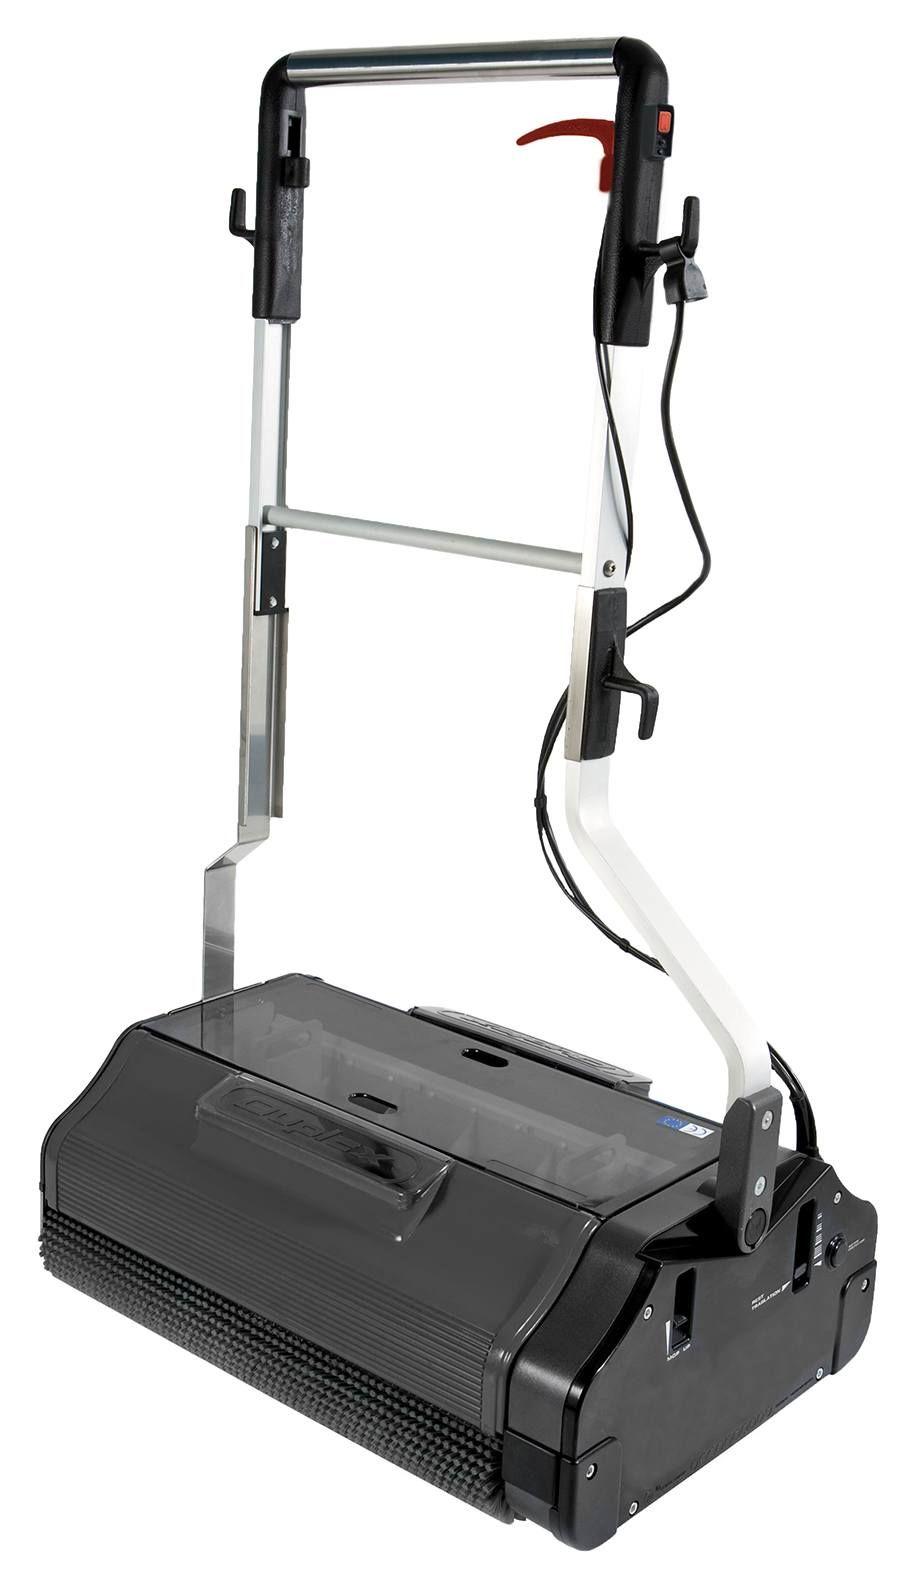 Wals-borstelmachine 620, 230 Volt